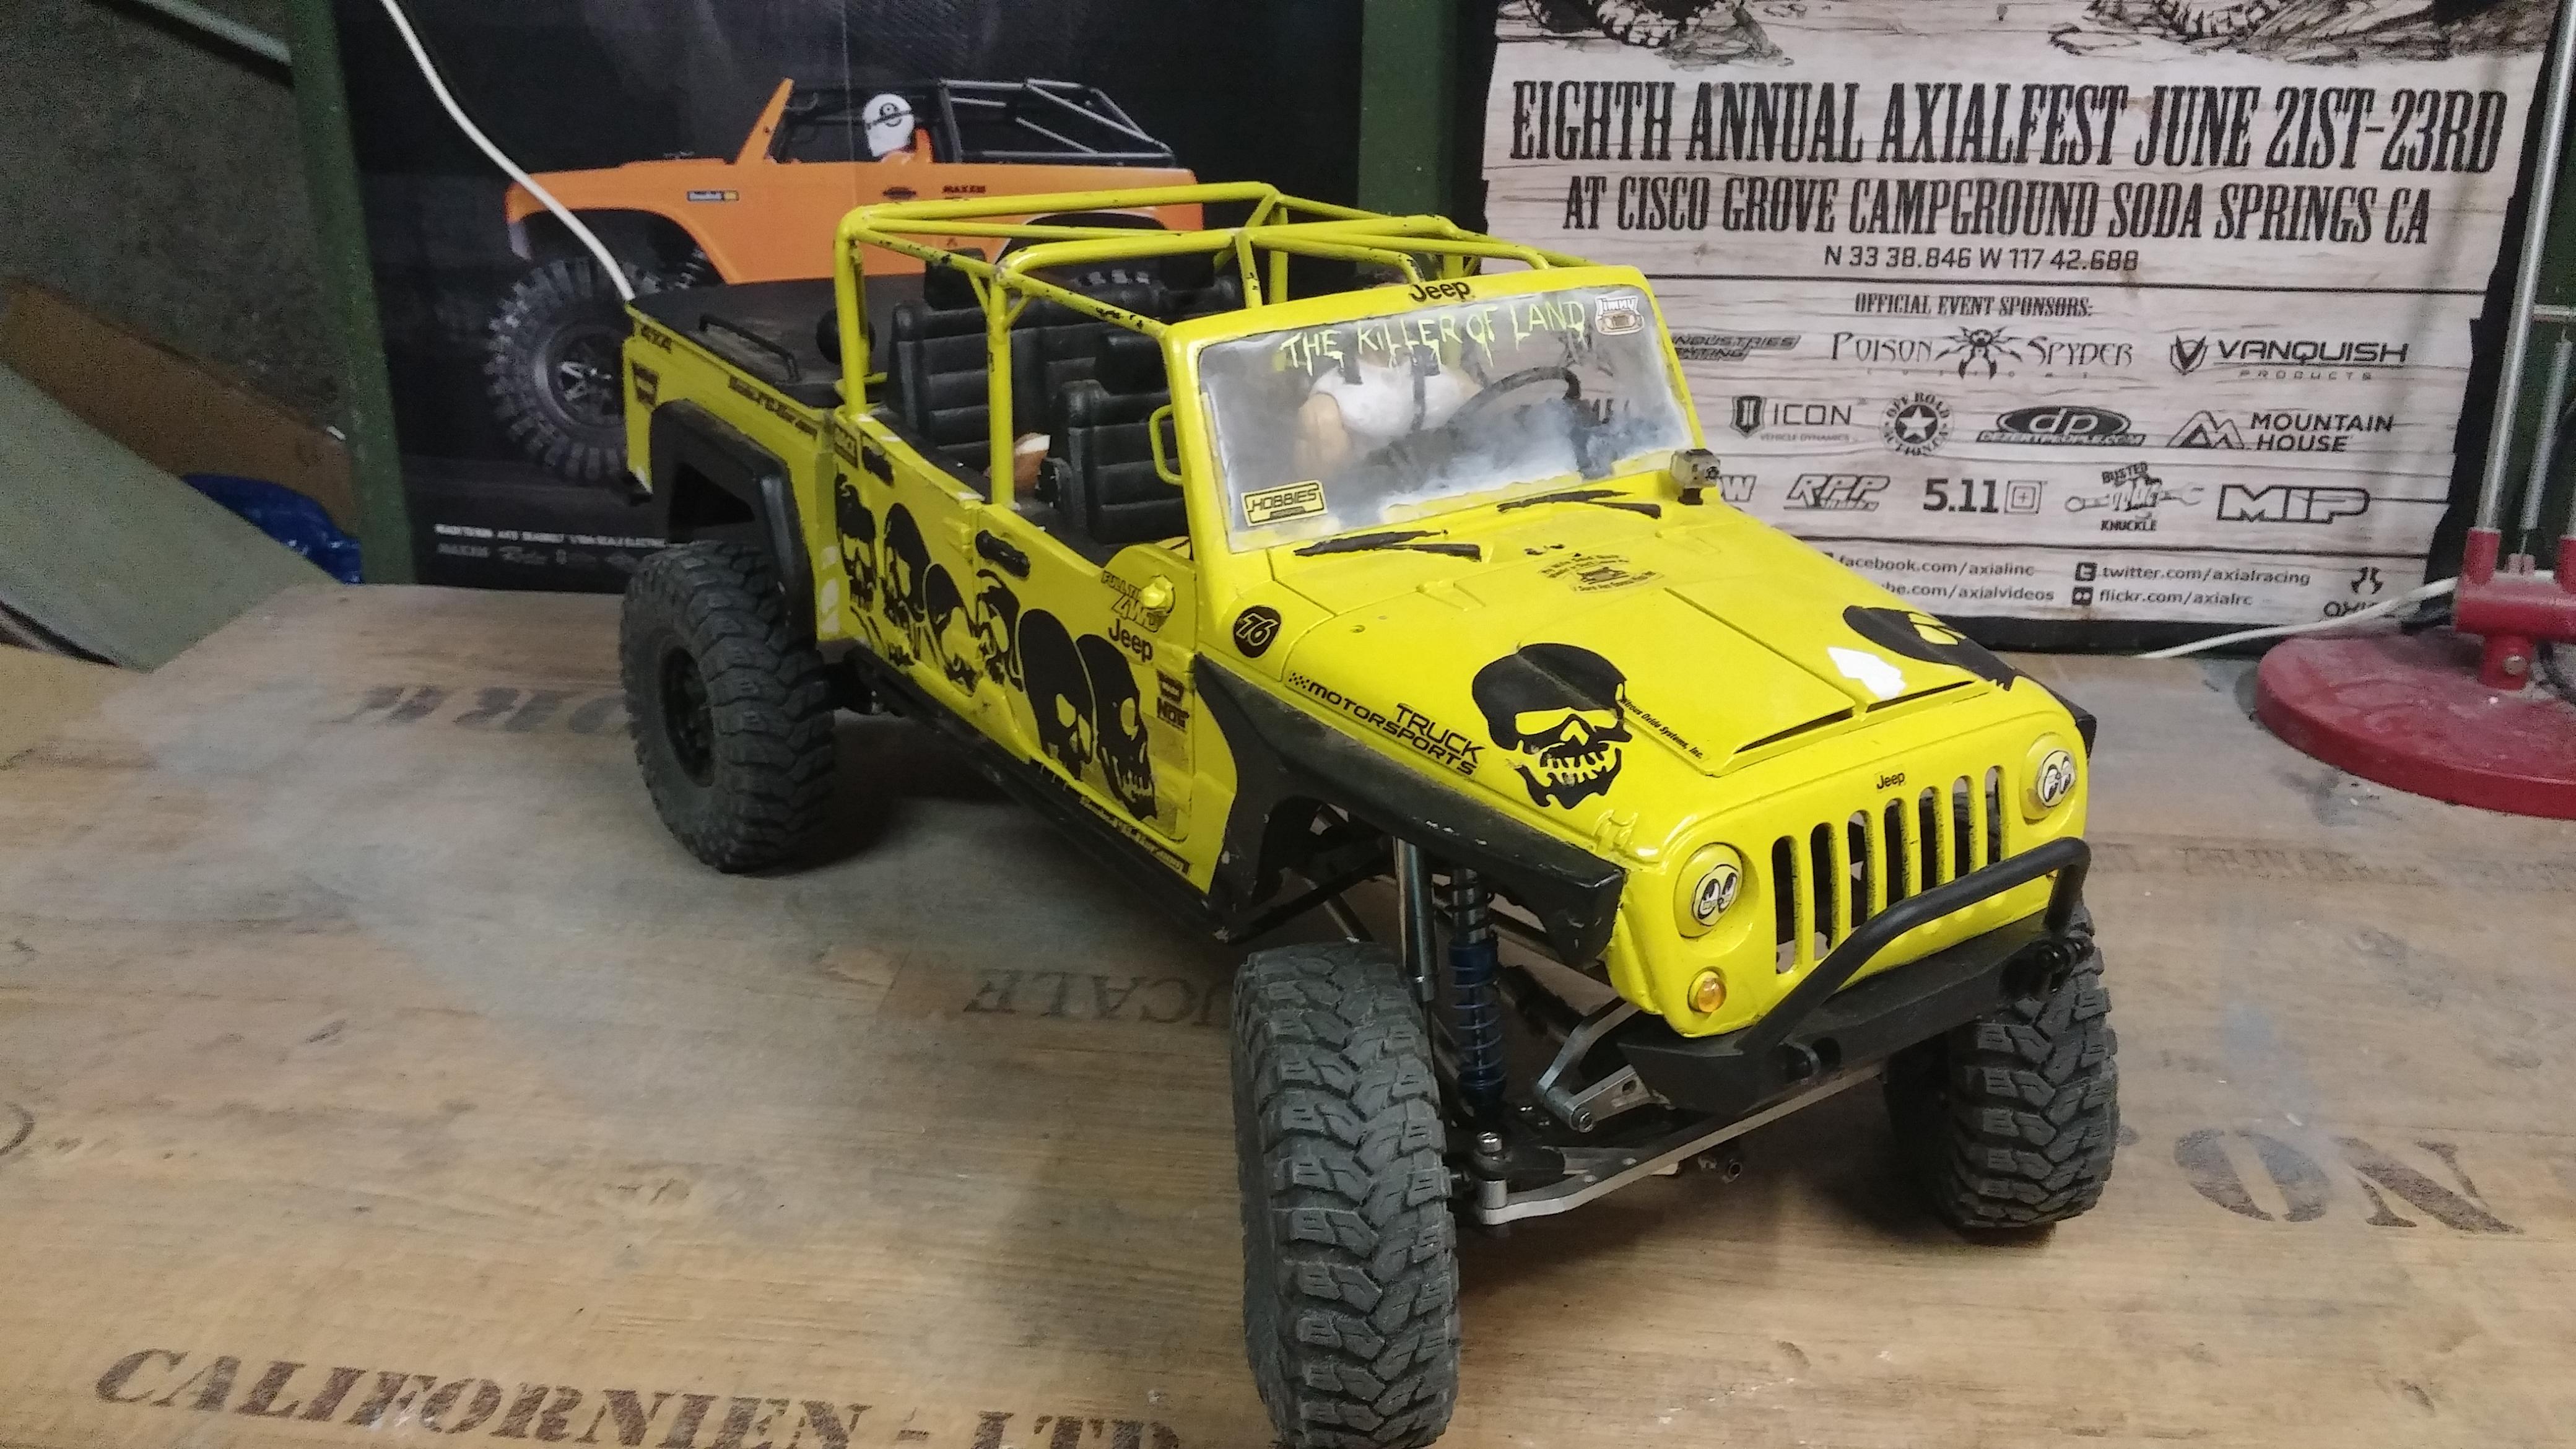 Jeep JK BRUTE Double Cab à la refonte! 74397620141016091049